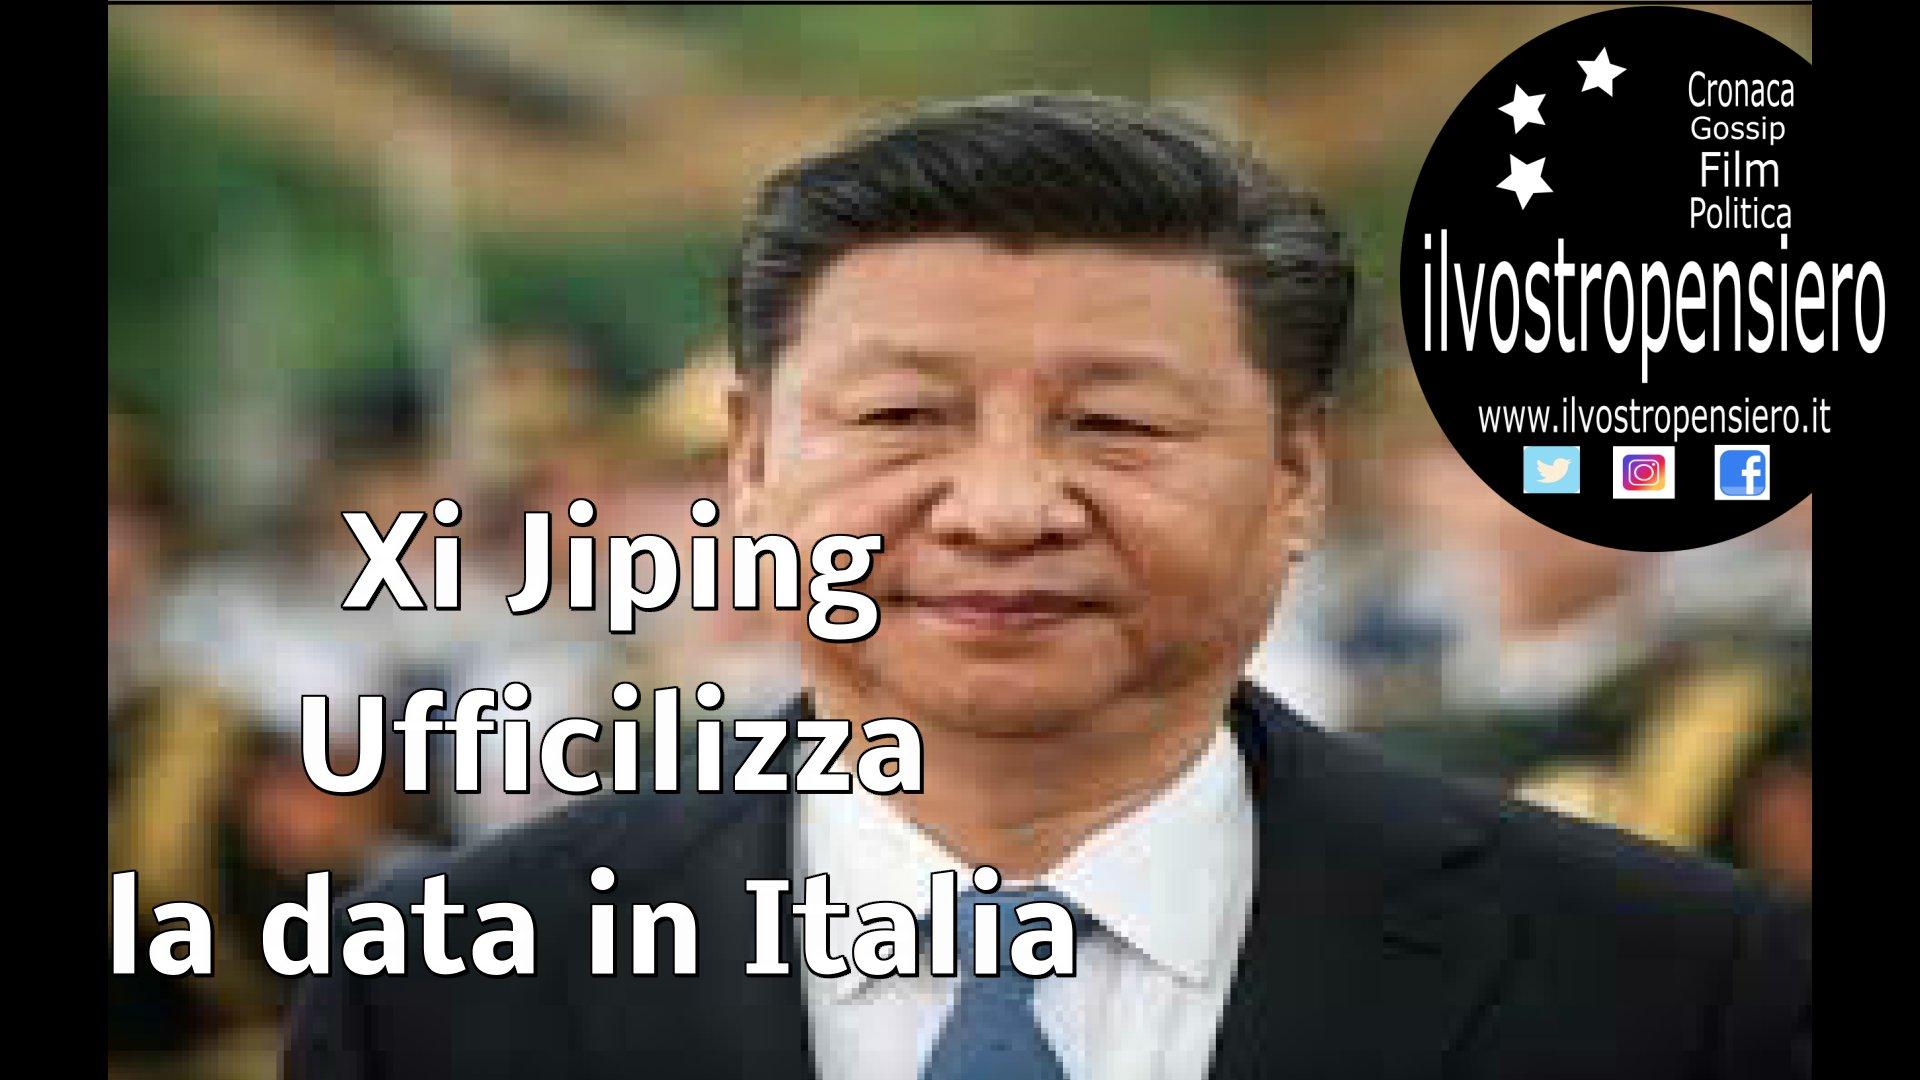 La Cina ufficializza la visita,Xi Jinping in Italia dal 21 marzo